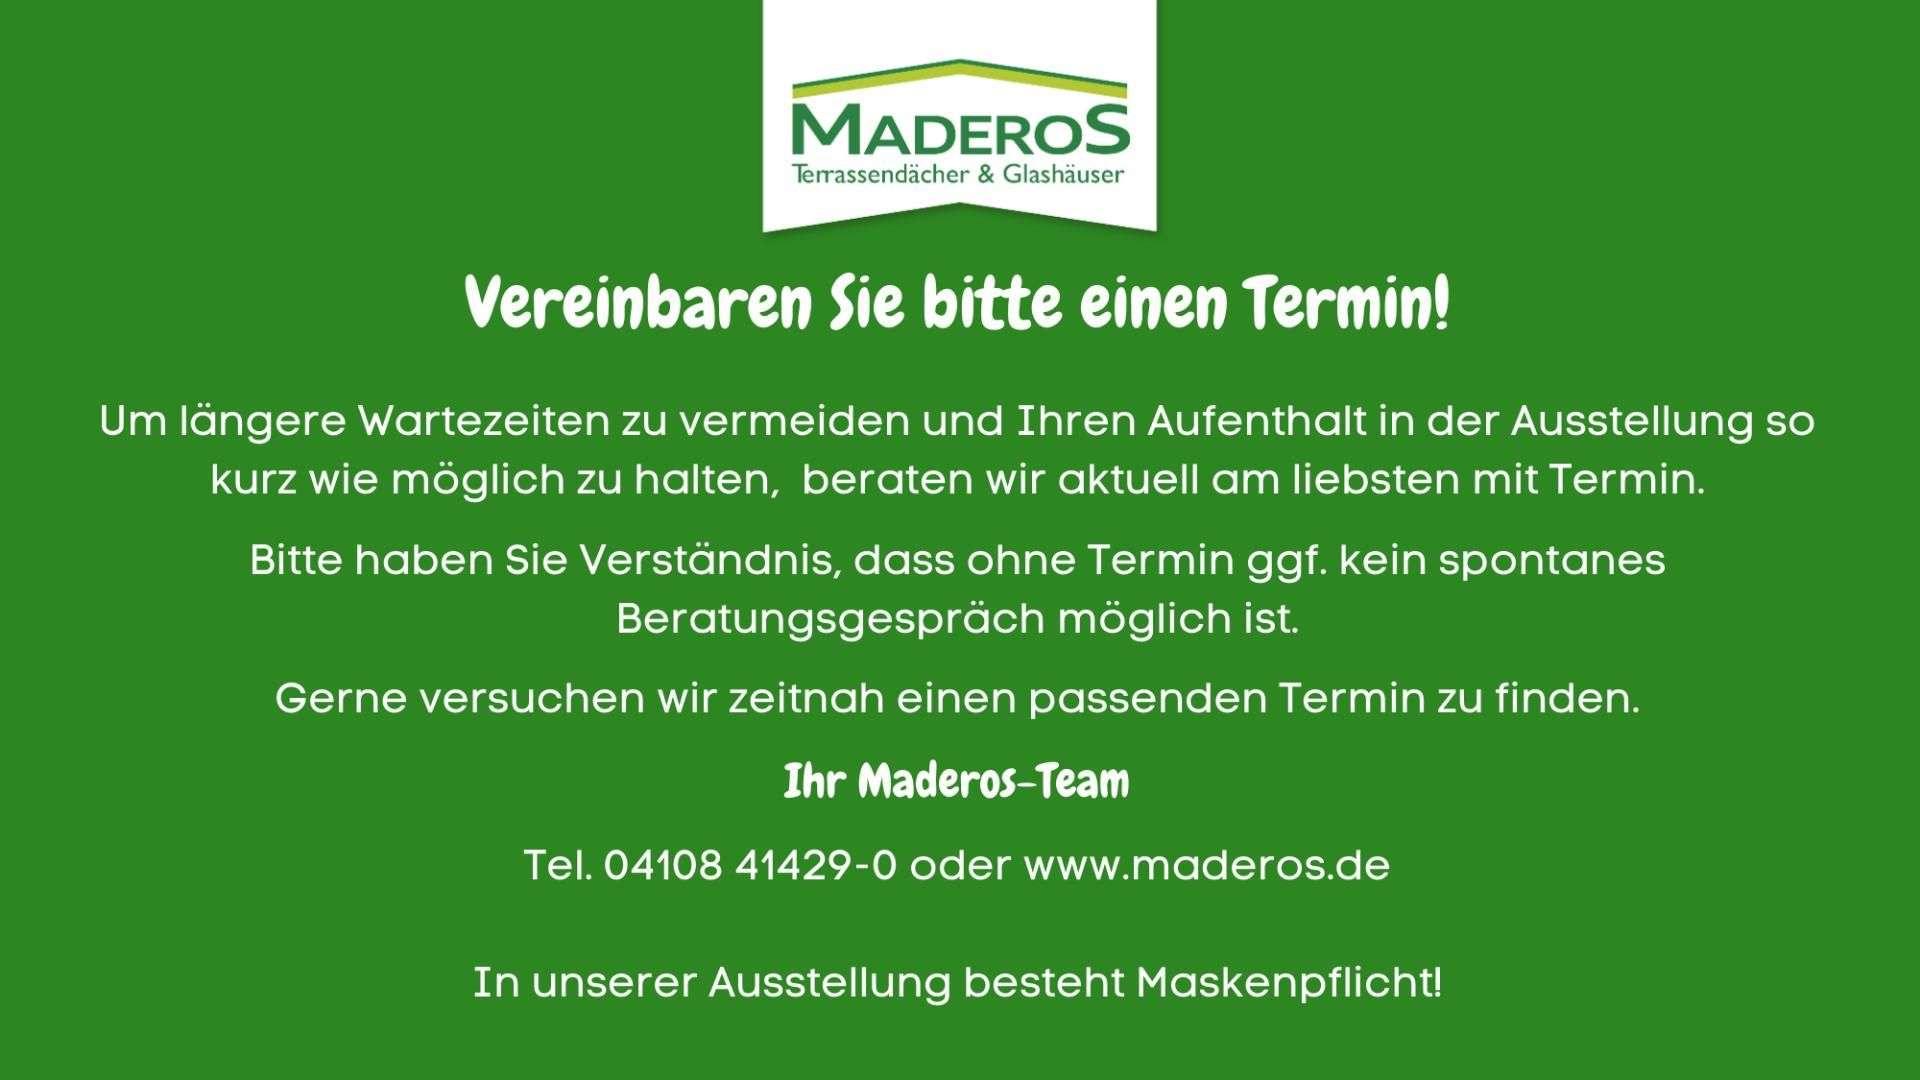 MADEROS Corona Information